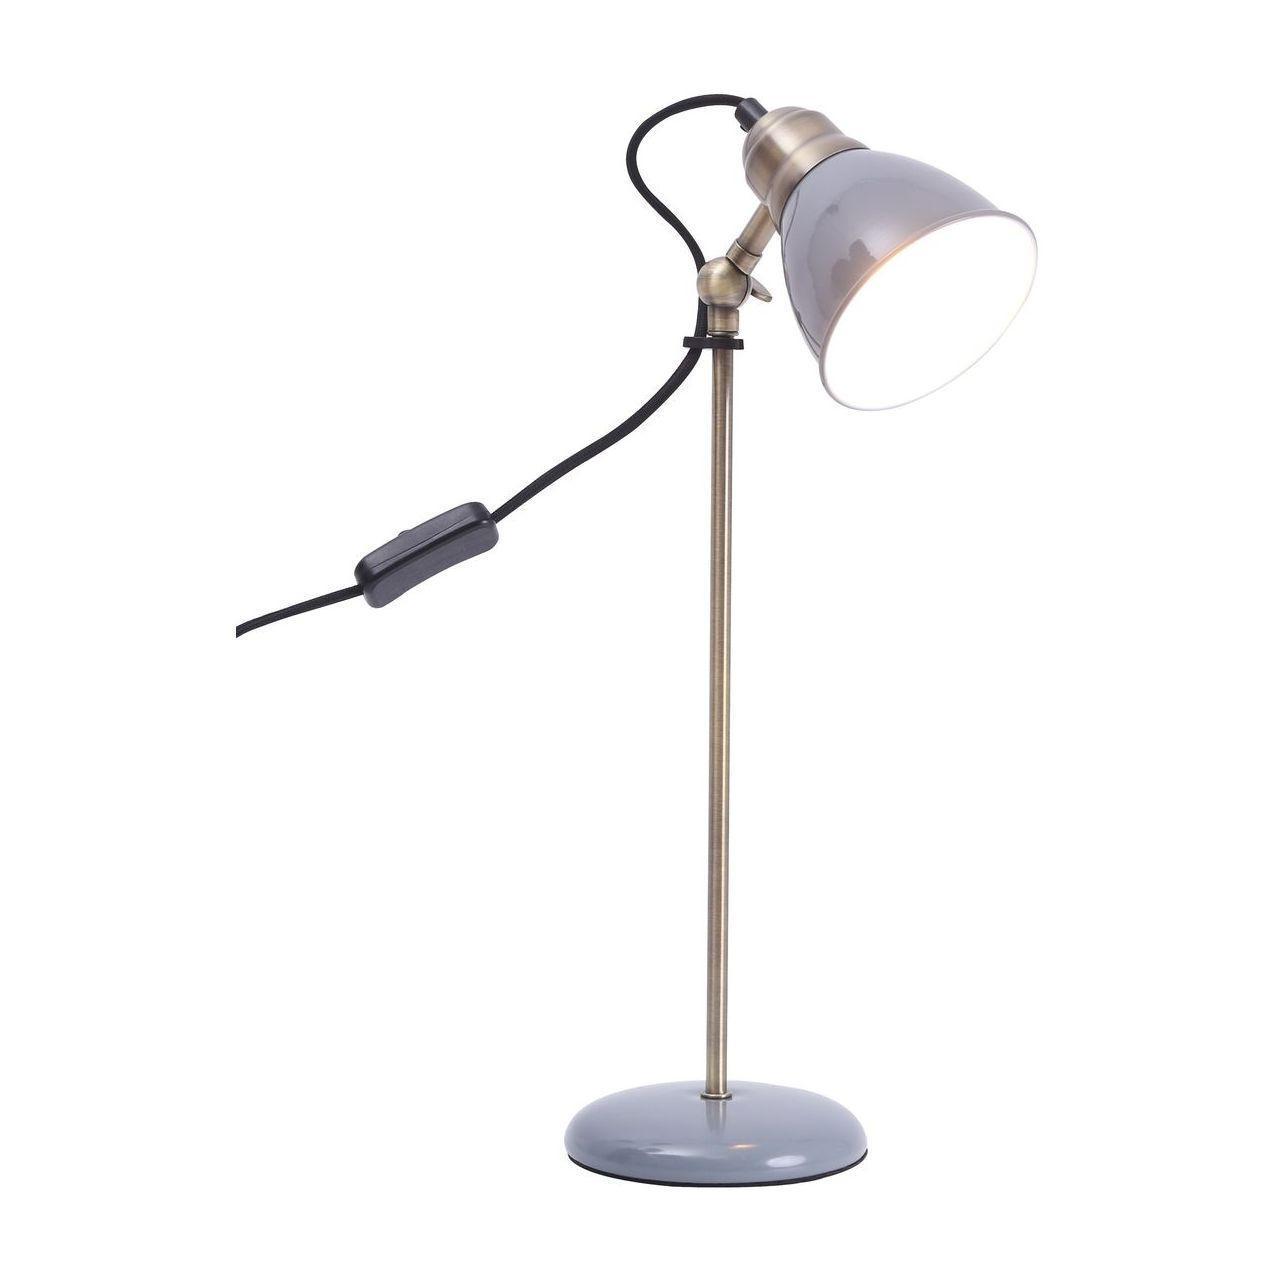 Настольная лампа Arte Lamp A3235LT-1AB настольная лампа arte lamp cameroon a4581lt 1ab